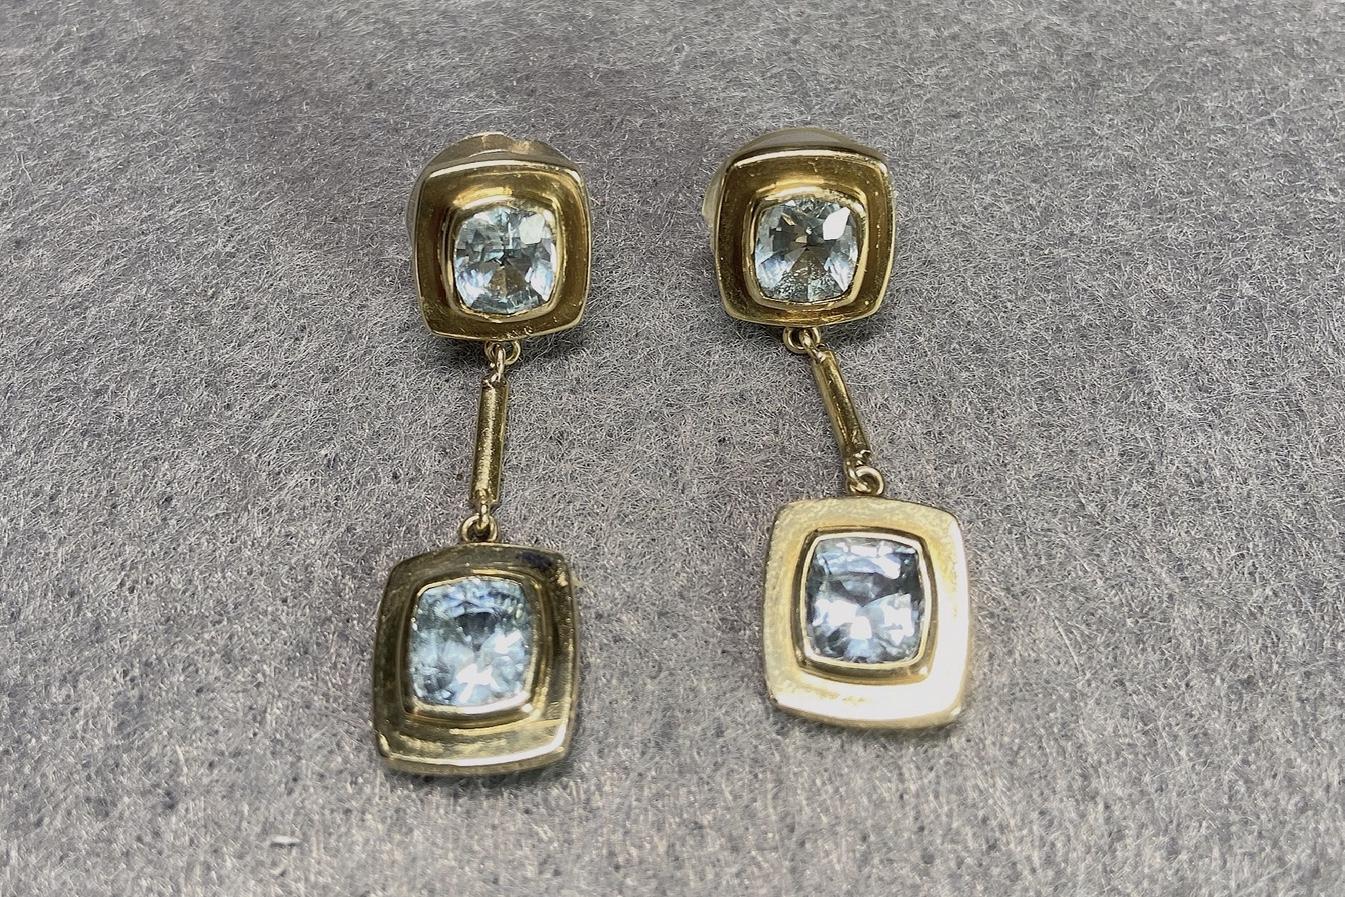 Lot 9 - Vintage Aquamarine Earrings, 1970s